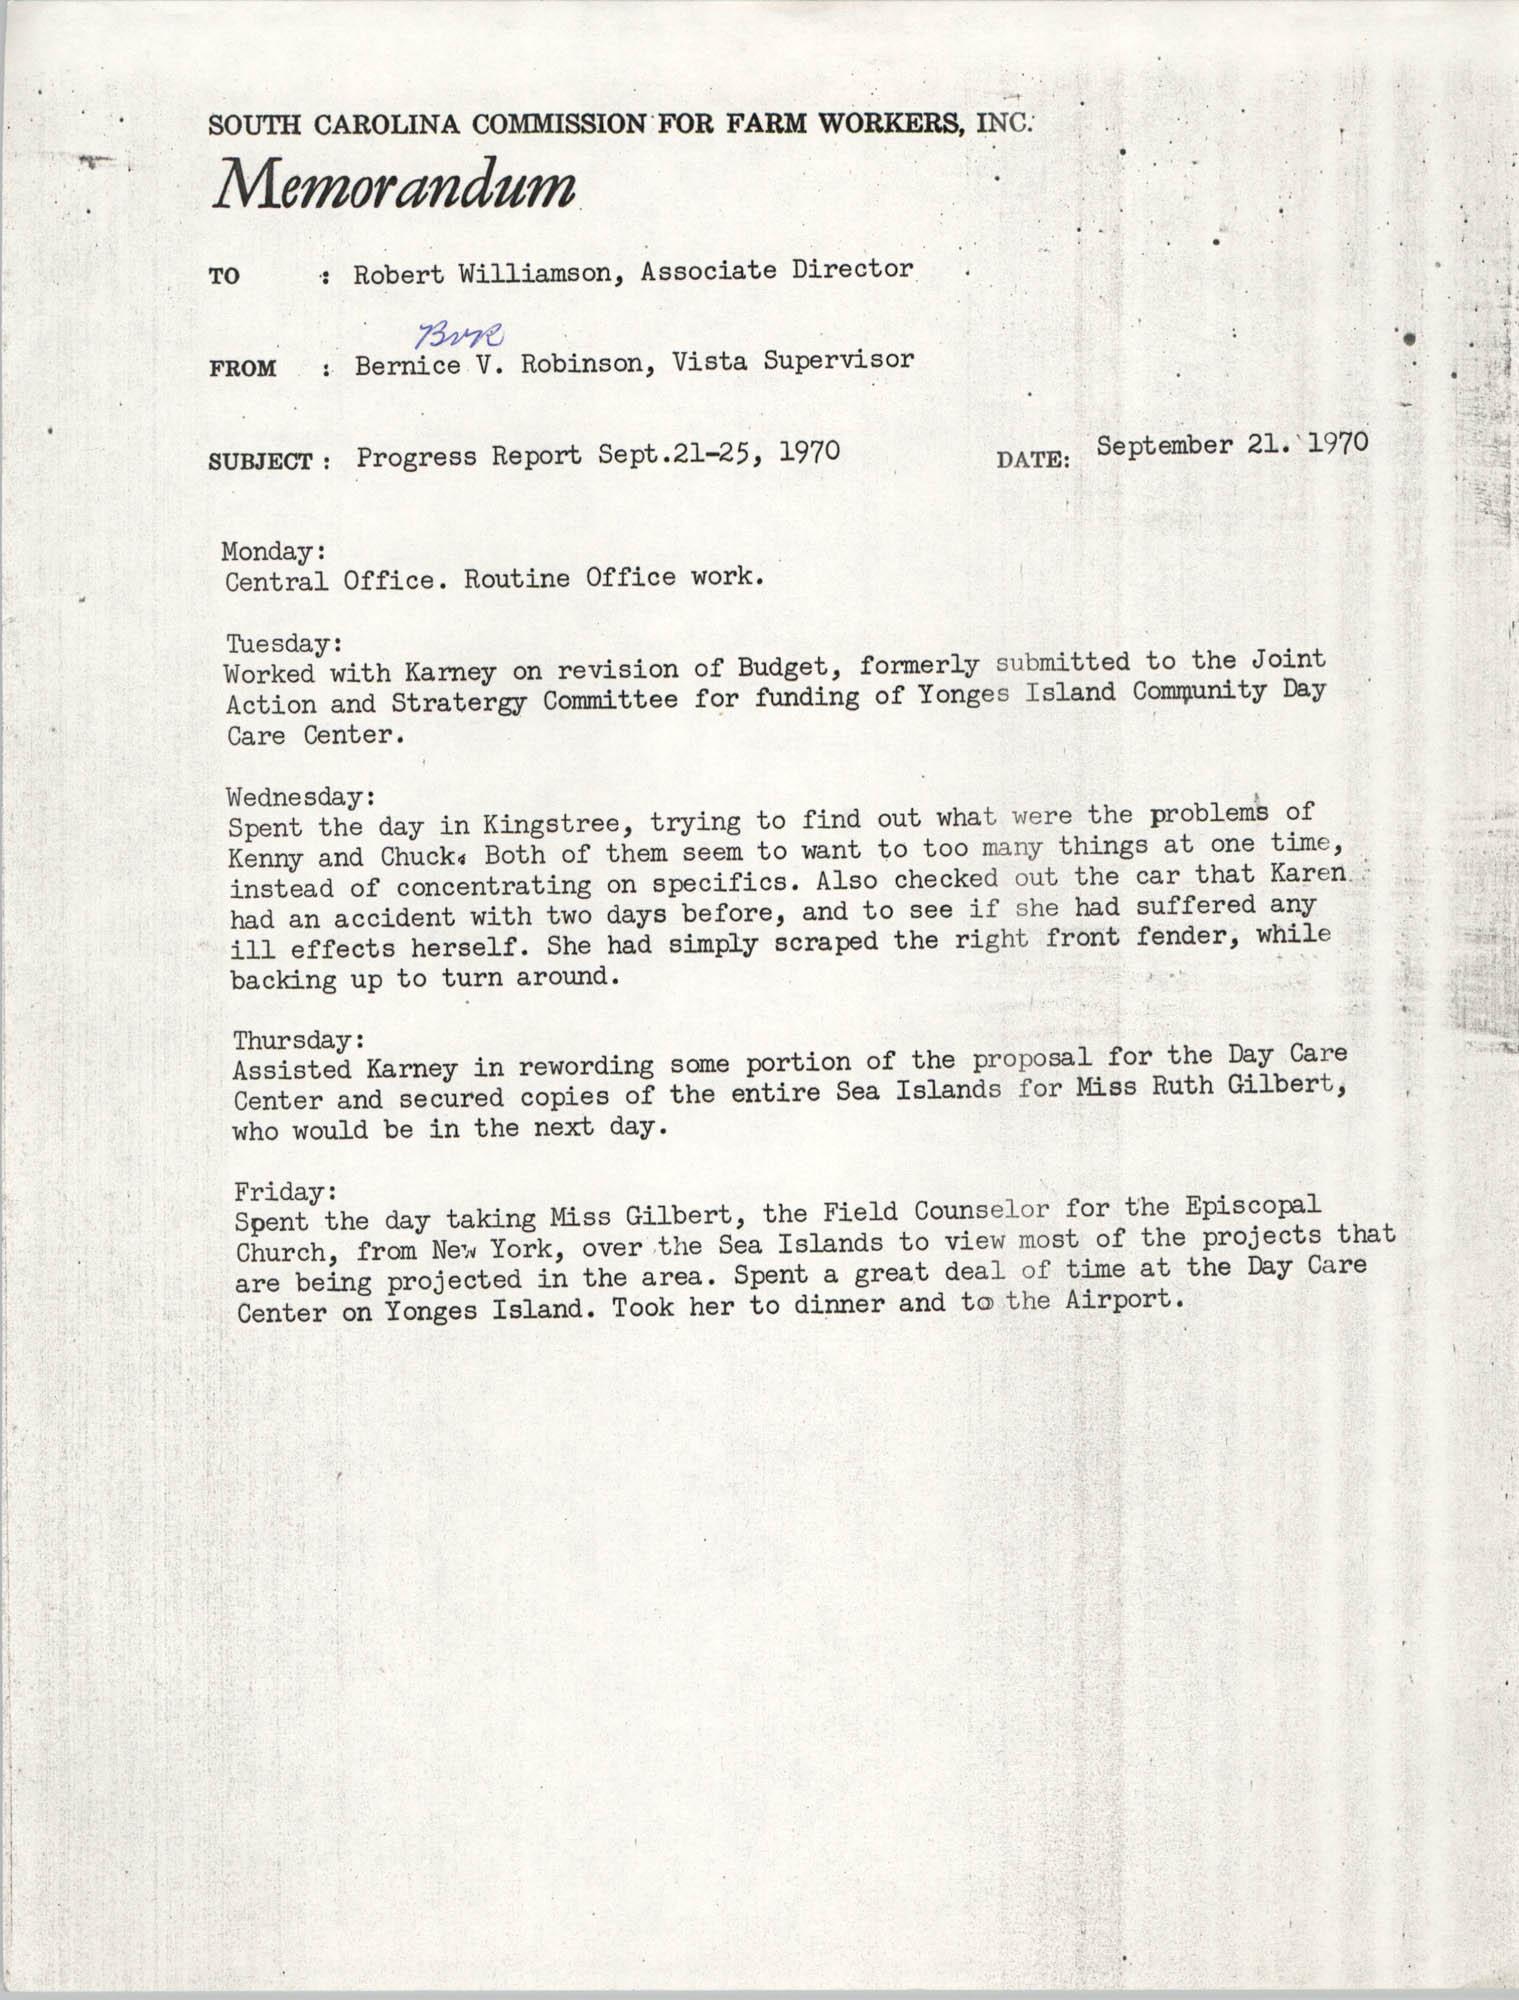 Memorandum from Bernice V. Robinson to Robert Williamson, September 21, 1970